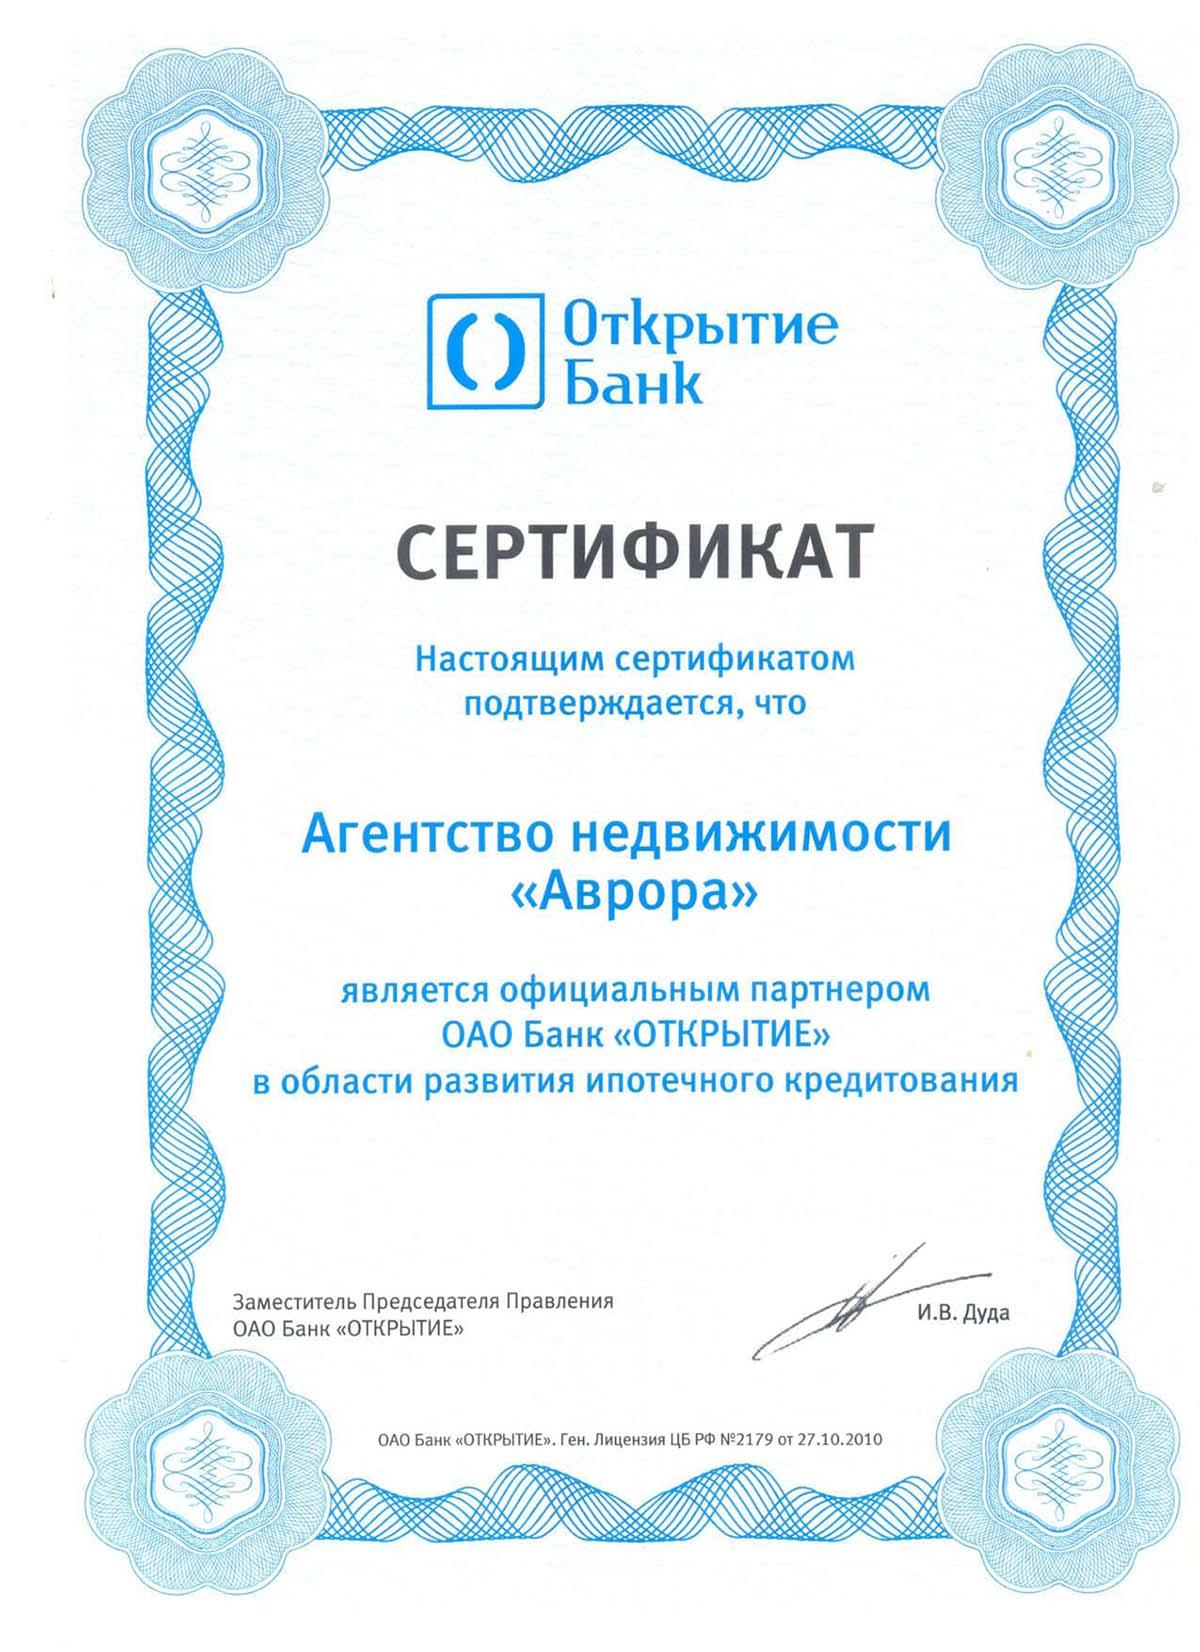 Сертификат о партнерстве агентства недвижимости